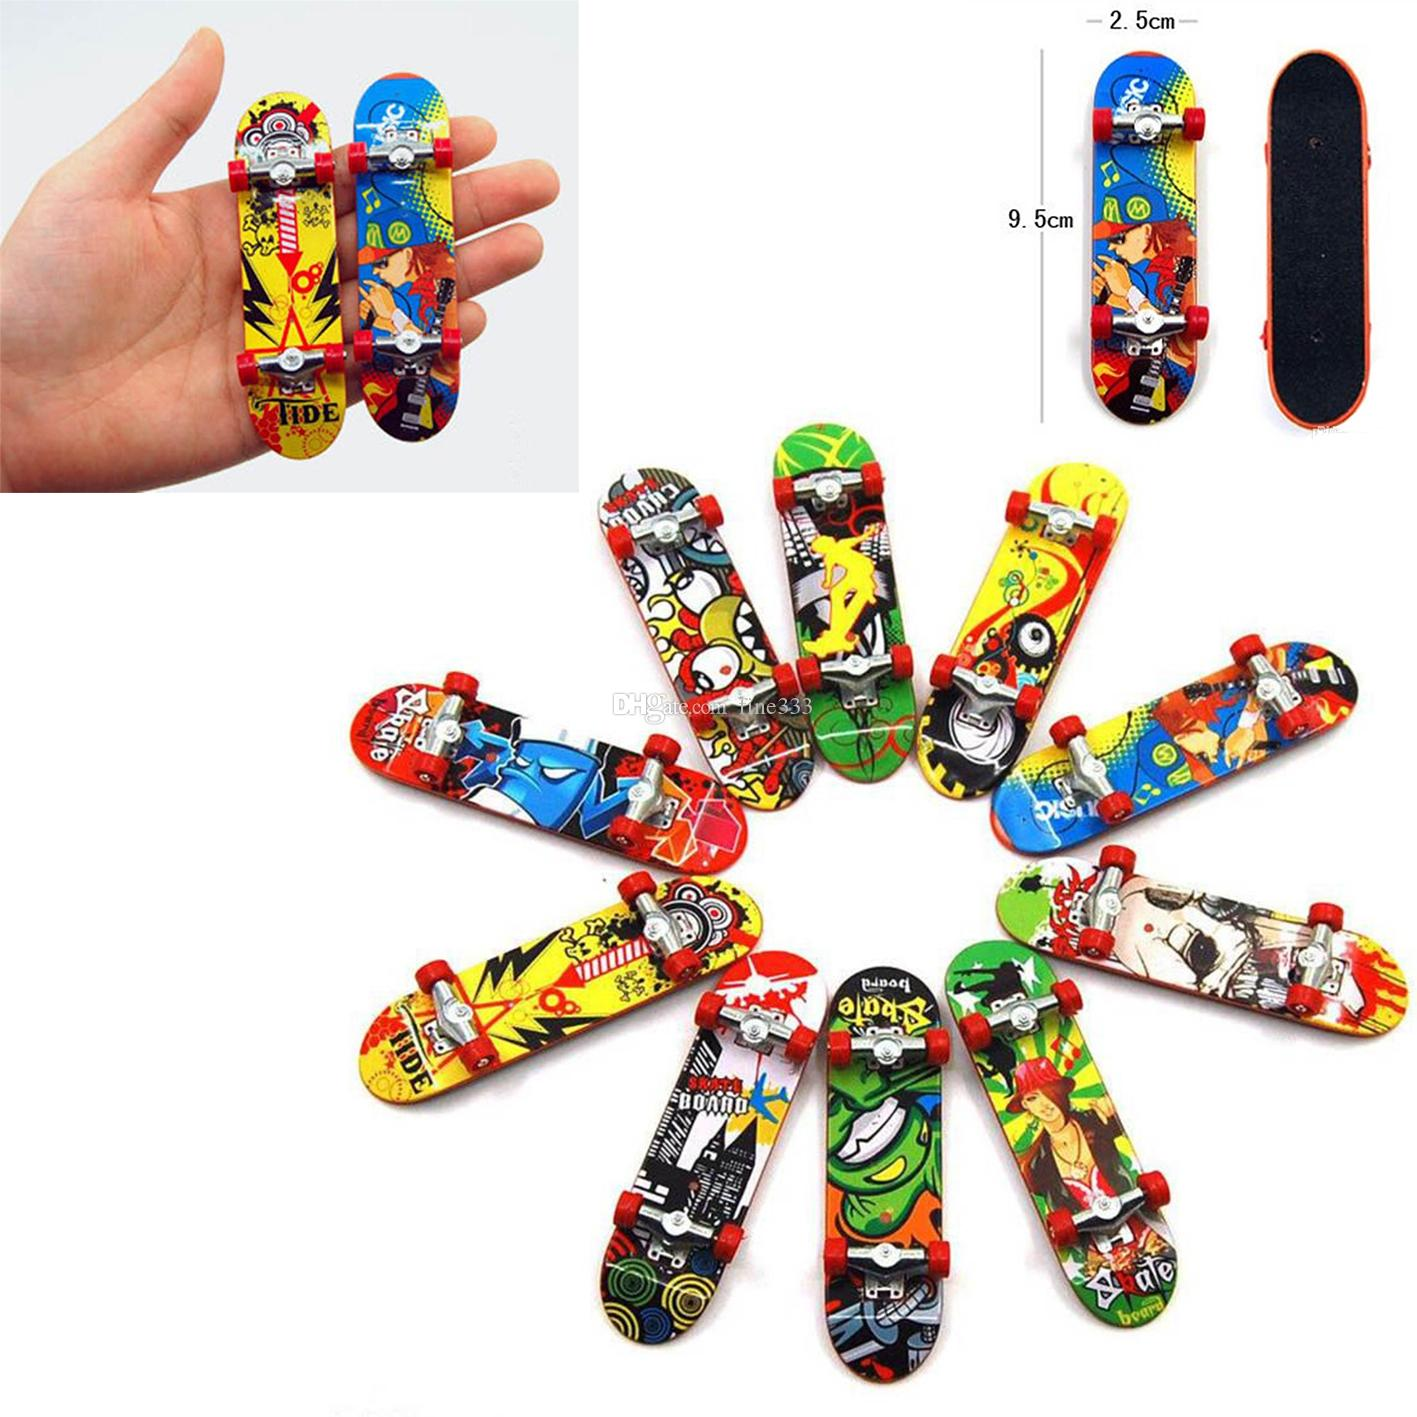 Mini Finger boards Skate truck Print professional Plastic Stand FingerBoard Skateboard Finger Skateboard for Kid Toy Children Gift